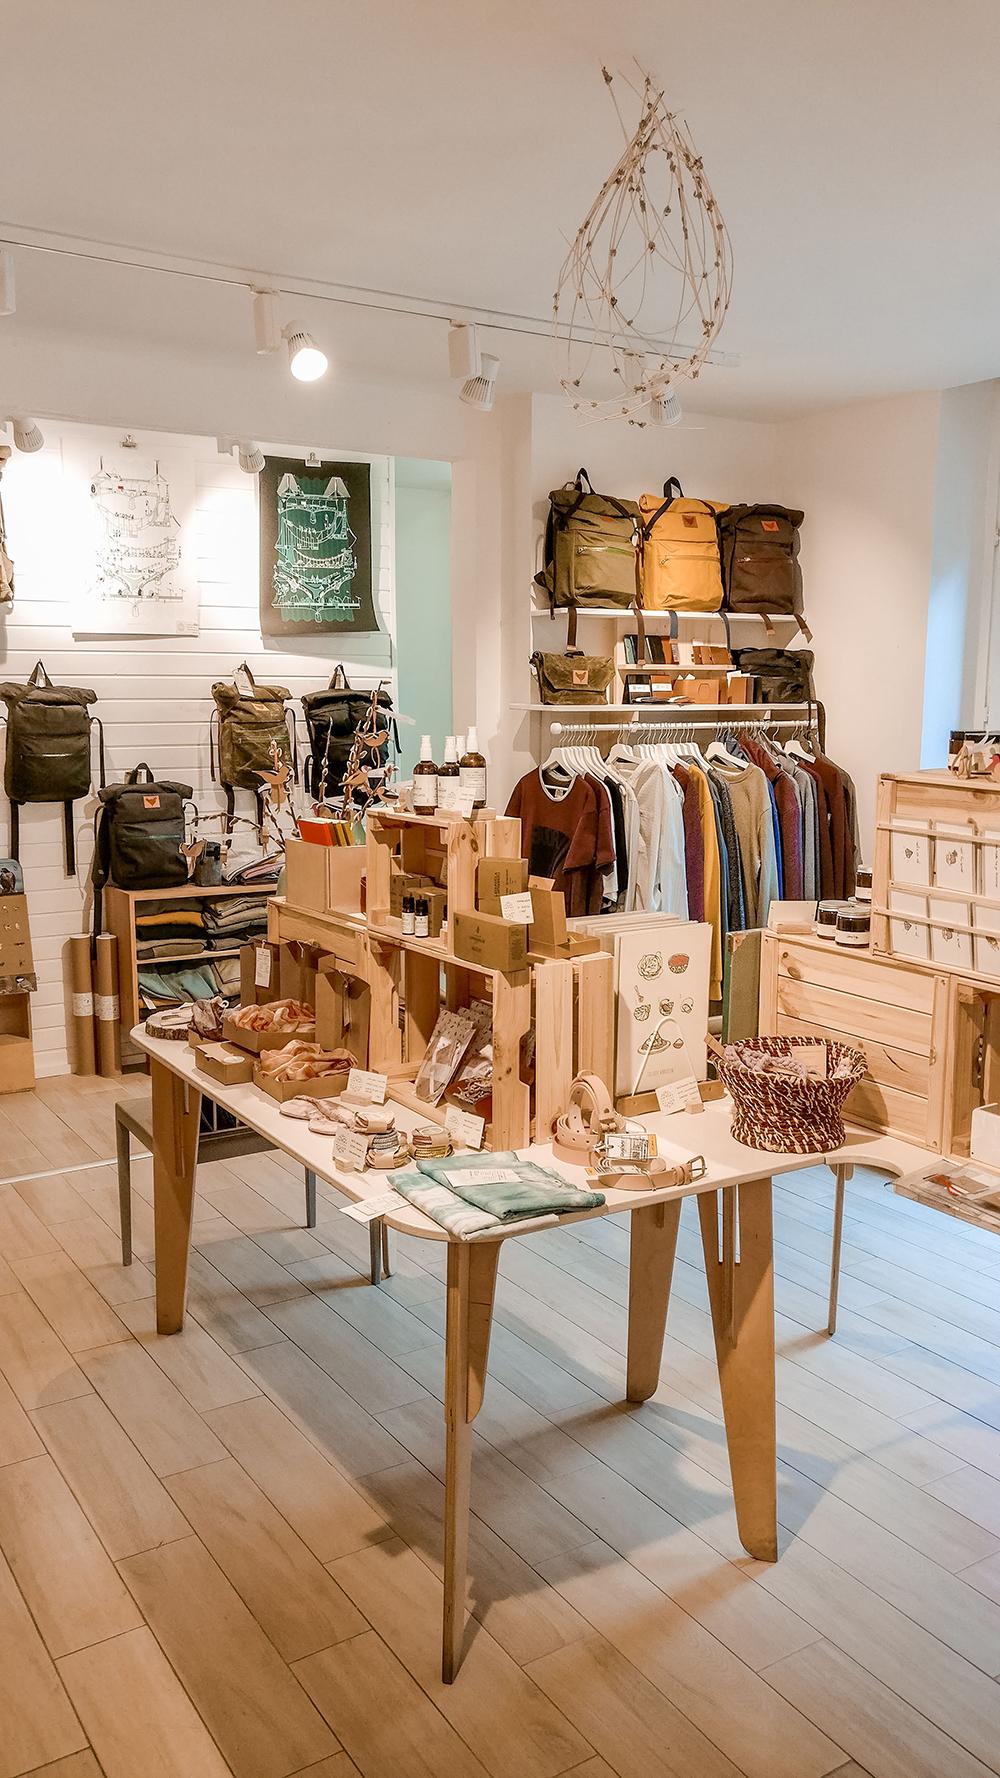 Prezent Shop - Budapest design shop guide to best Hungarian souvenirs | Aliz's Wonderland